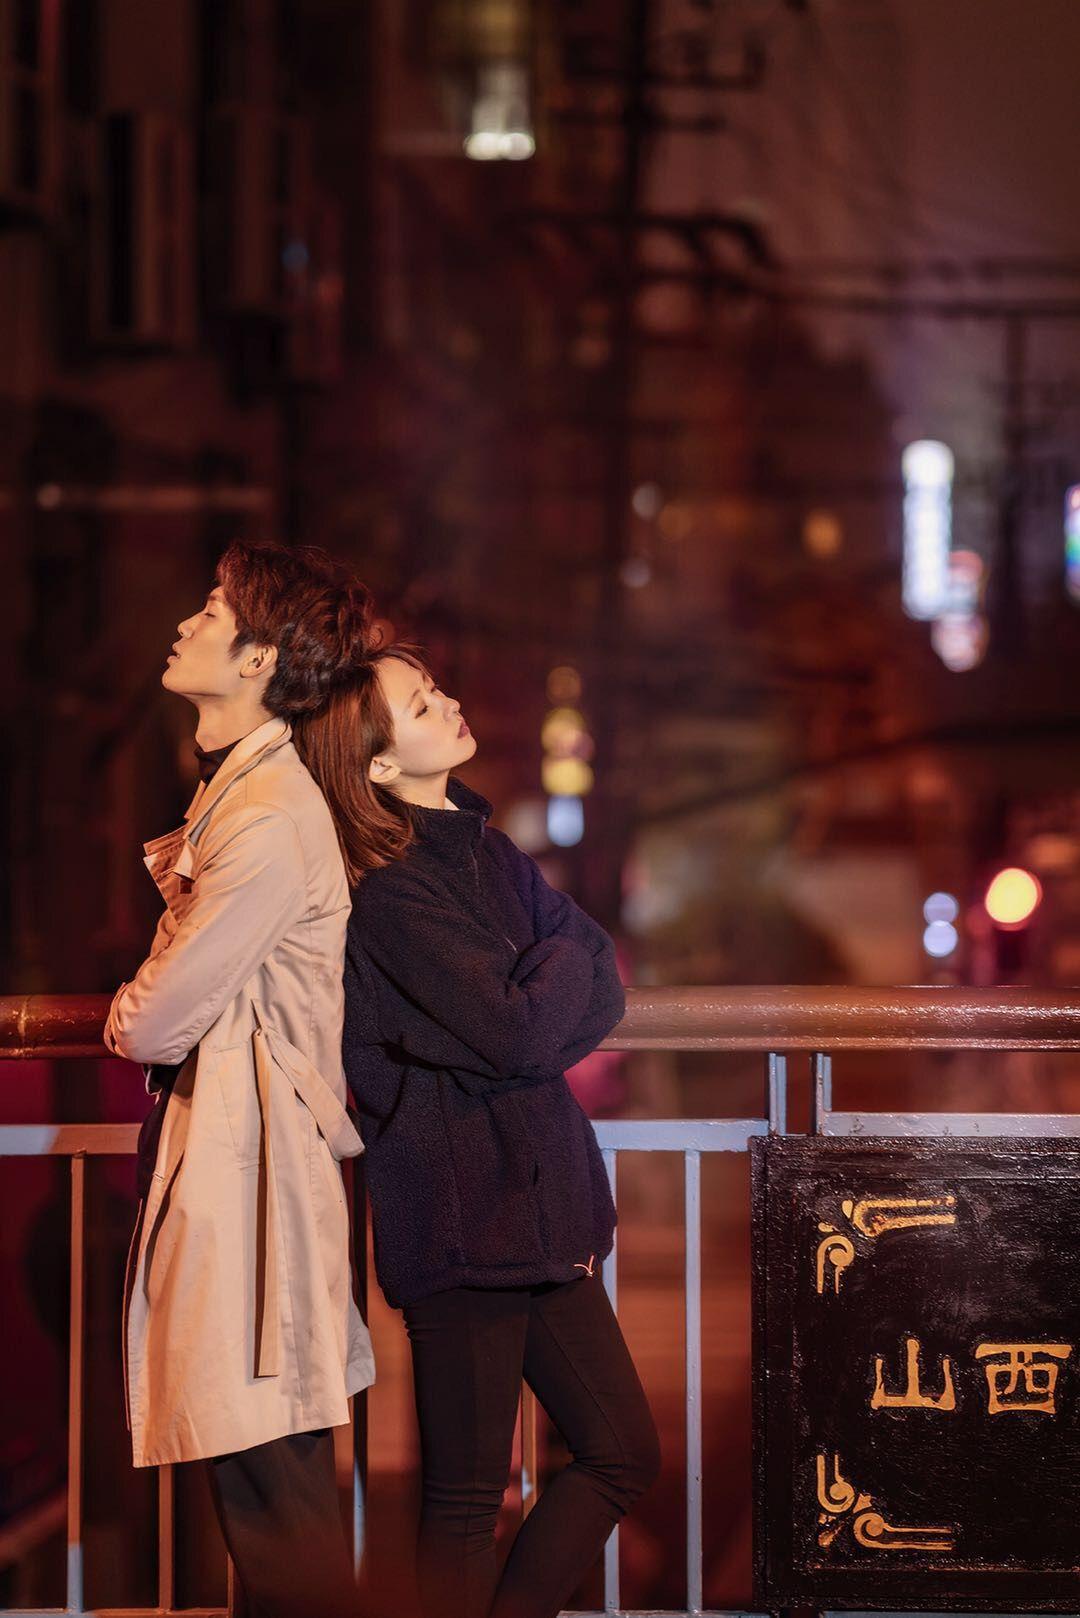 2019-02-03 外滩 傍晚+夜景 男女双人_摄影师艺馨的返片